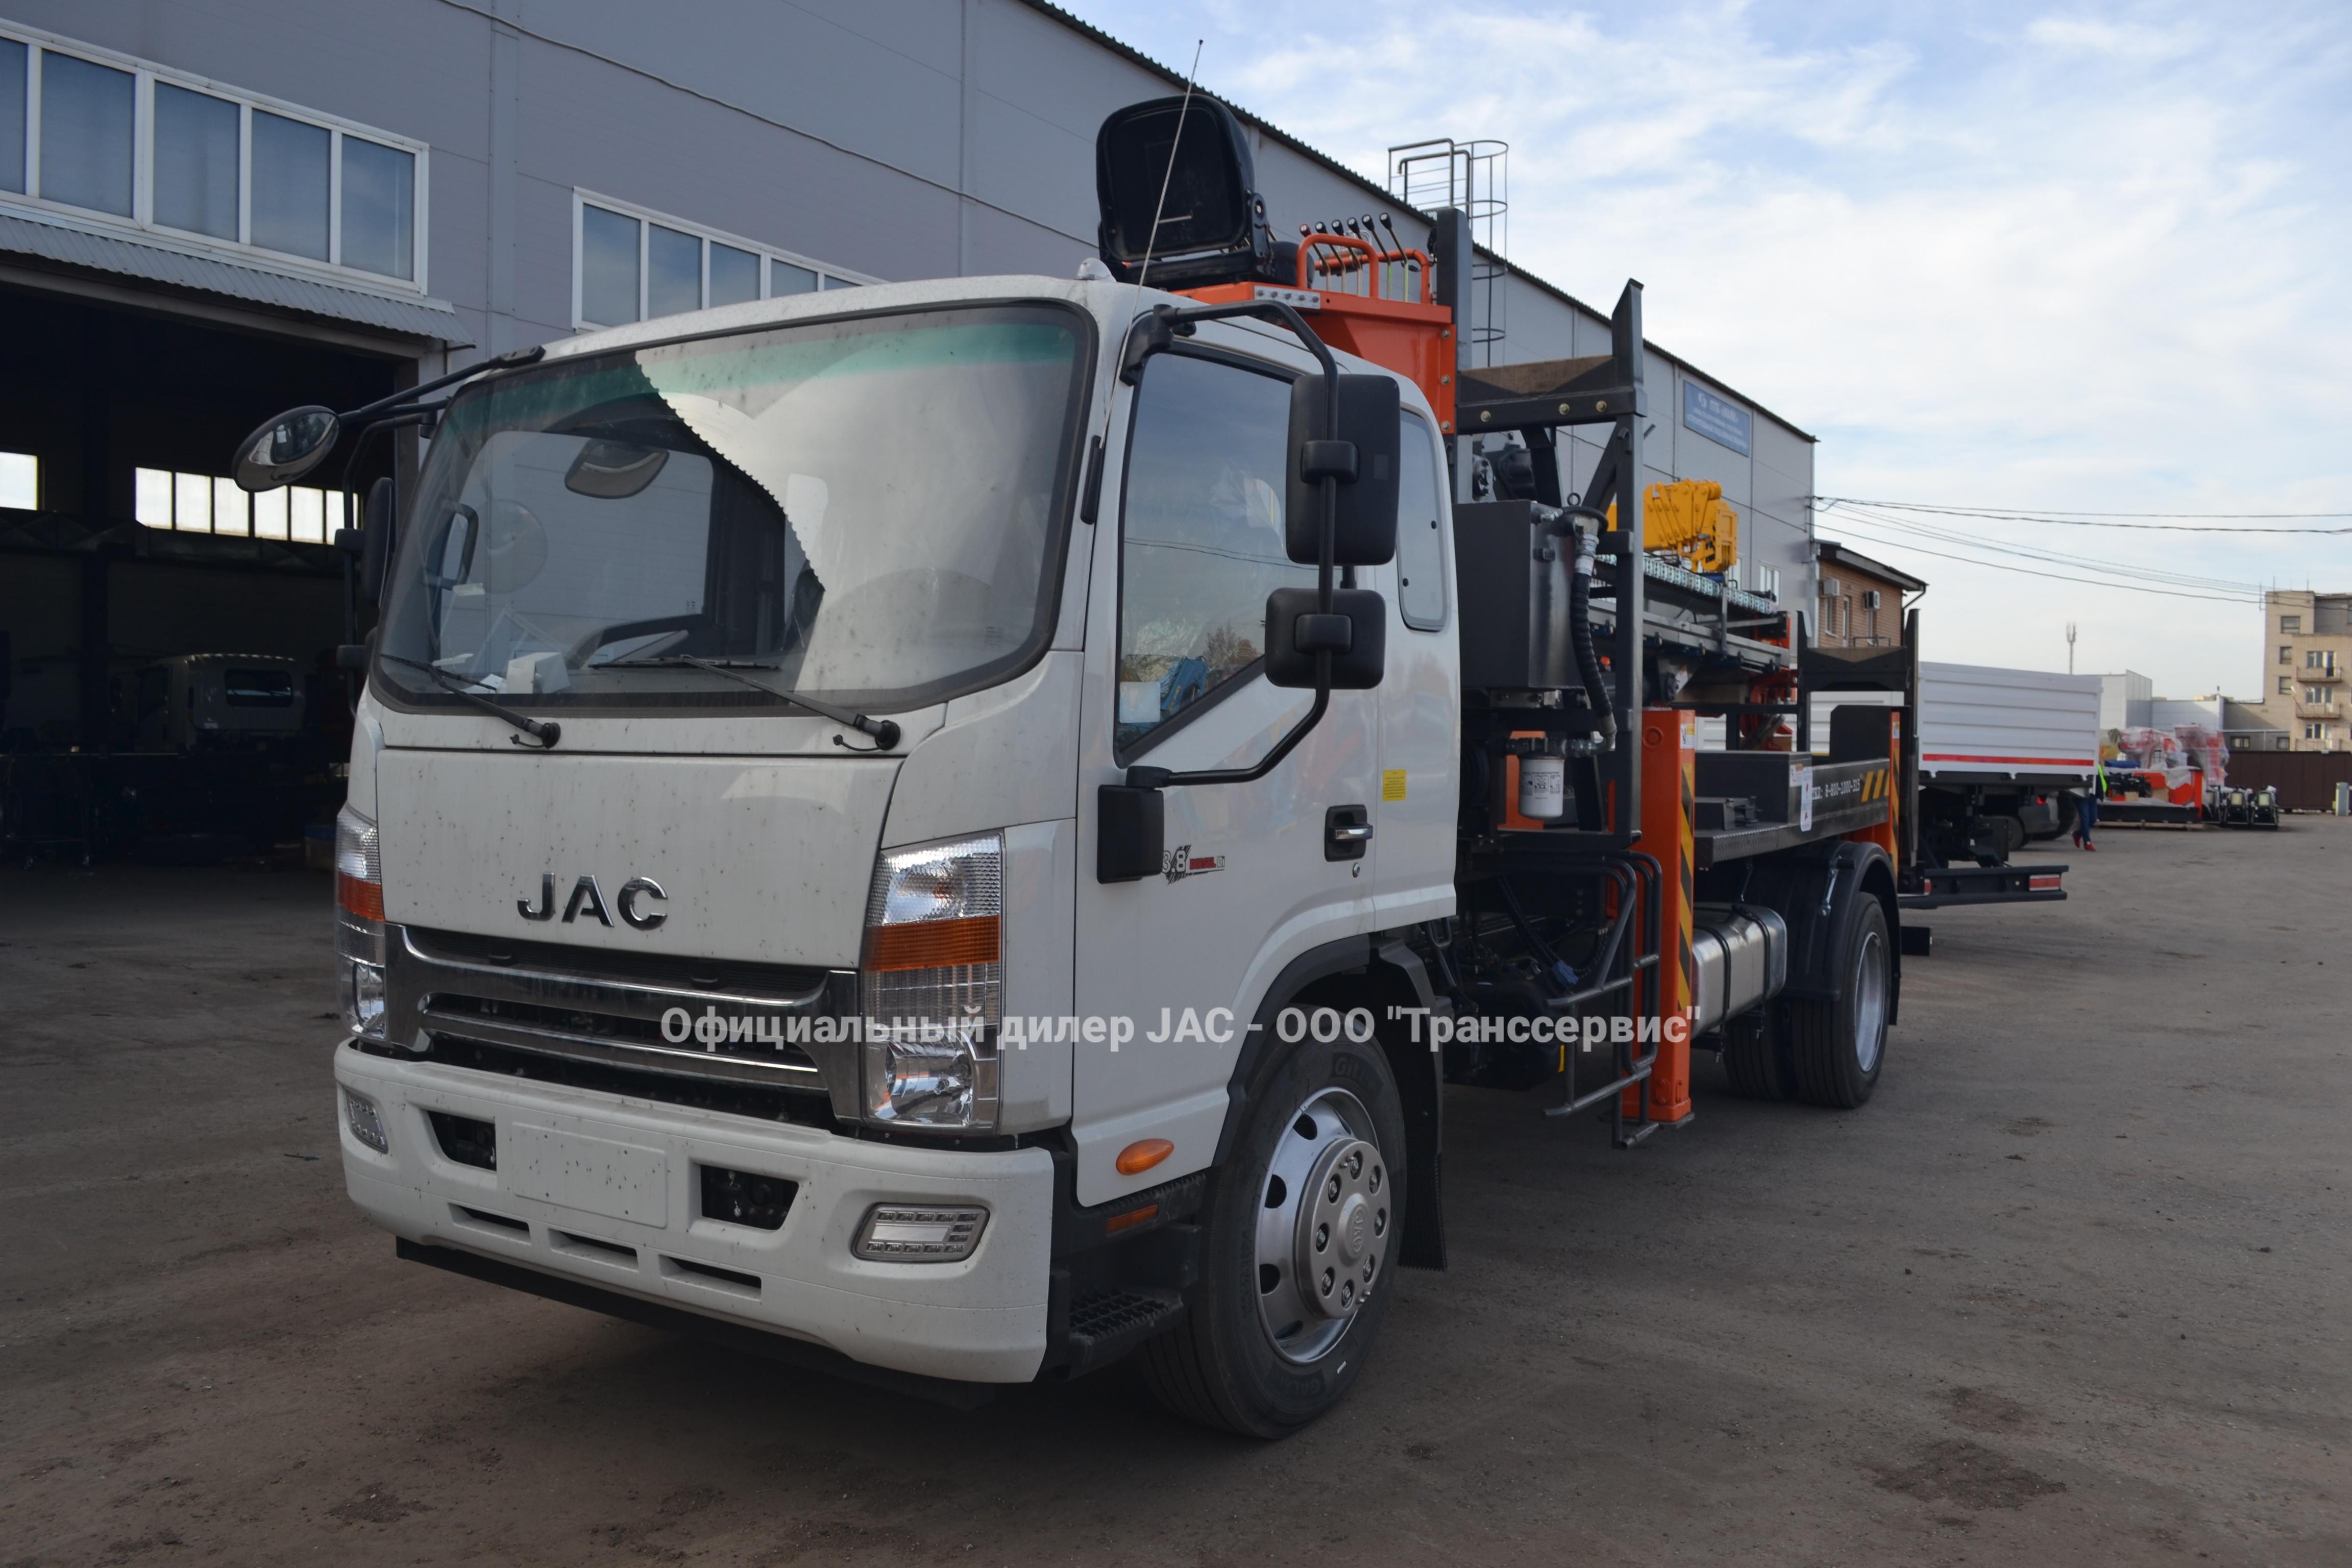 Новая модель Ямобур JAC N120